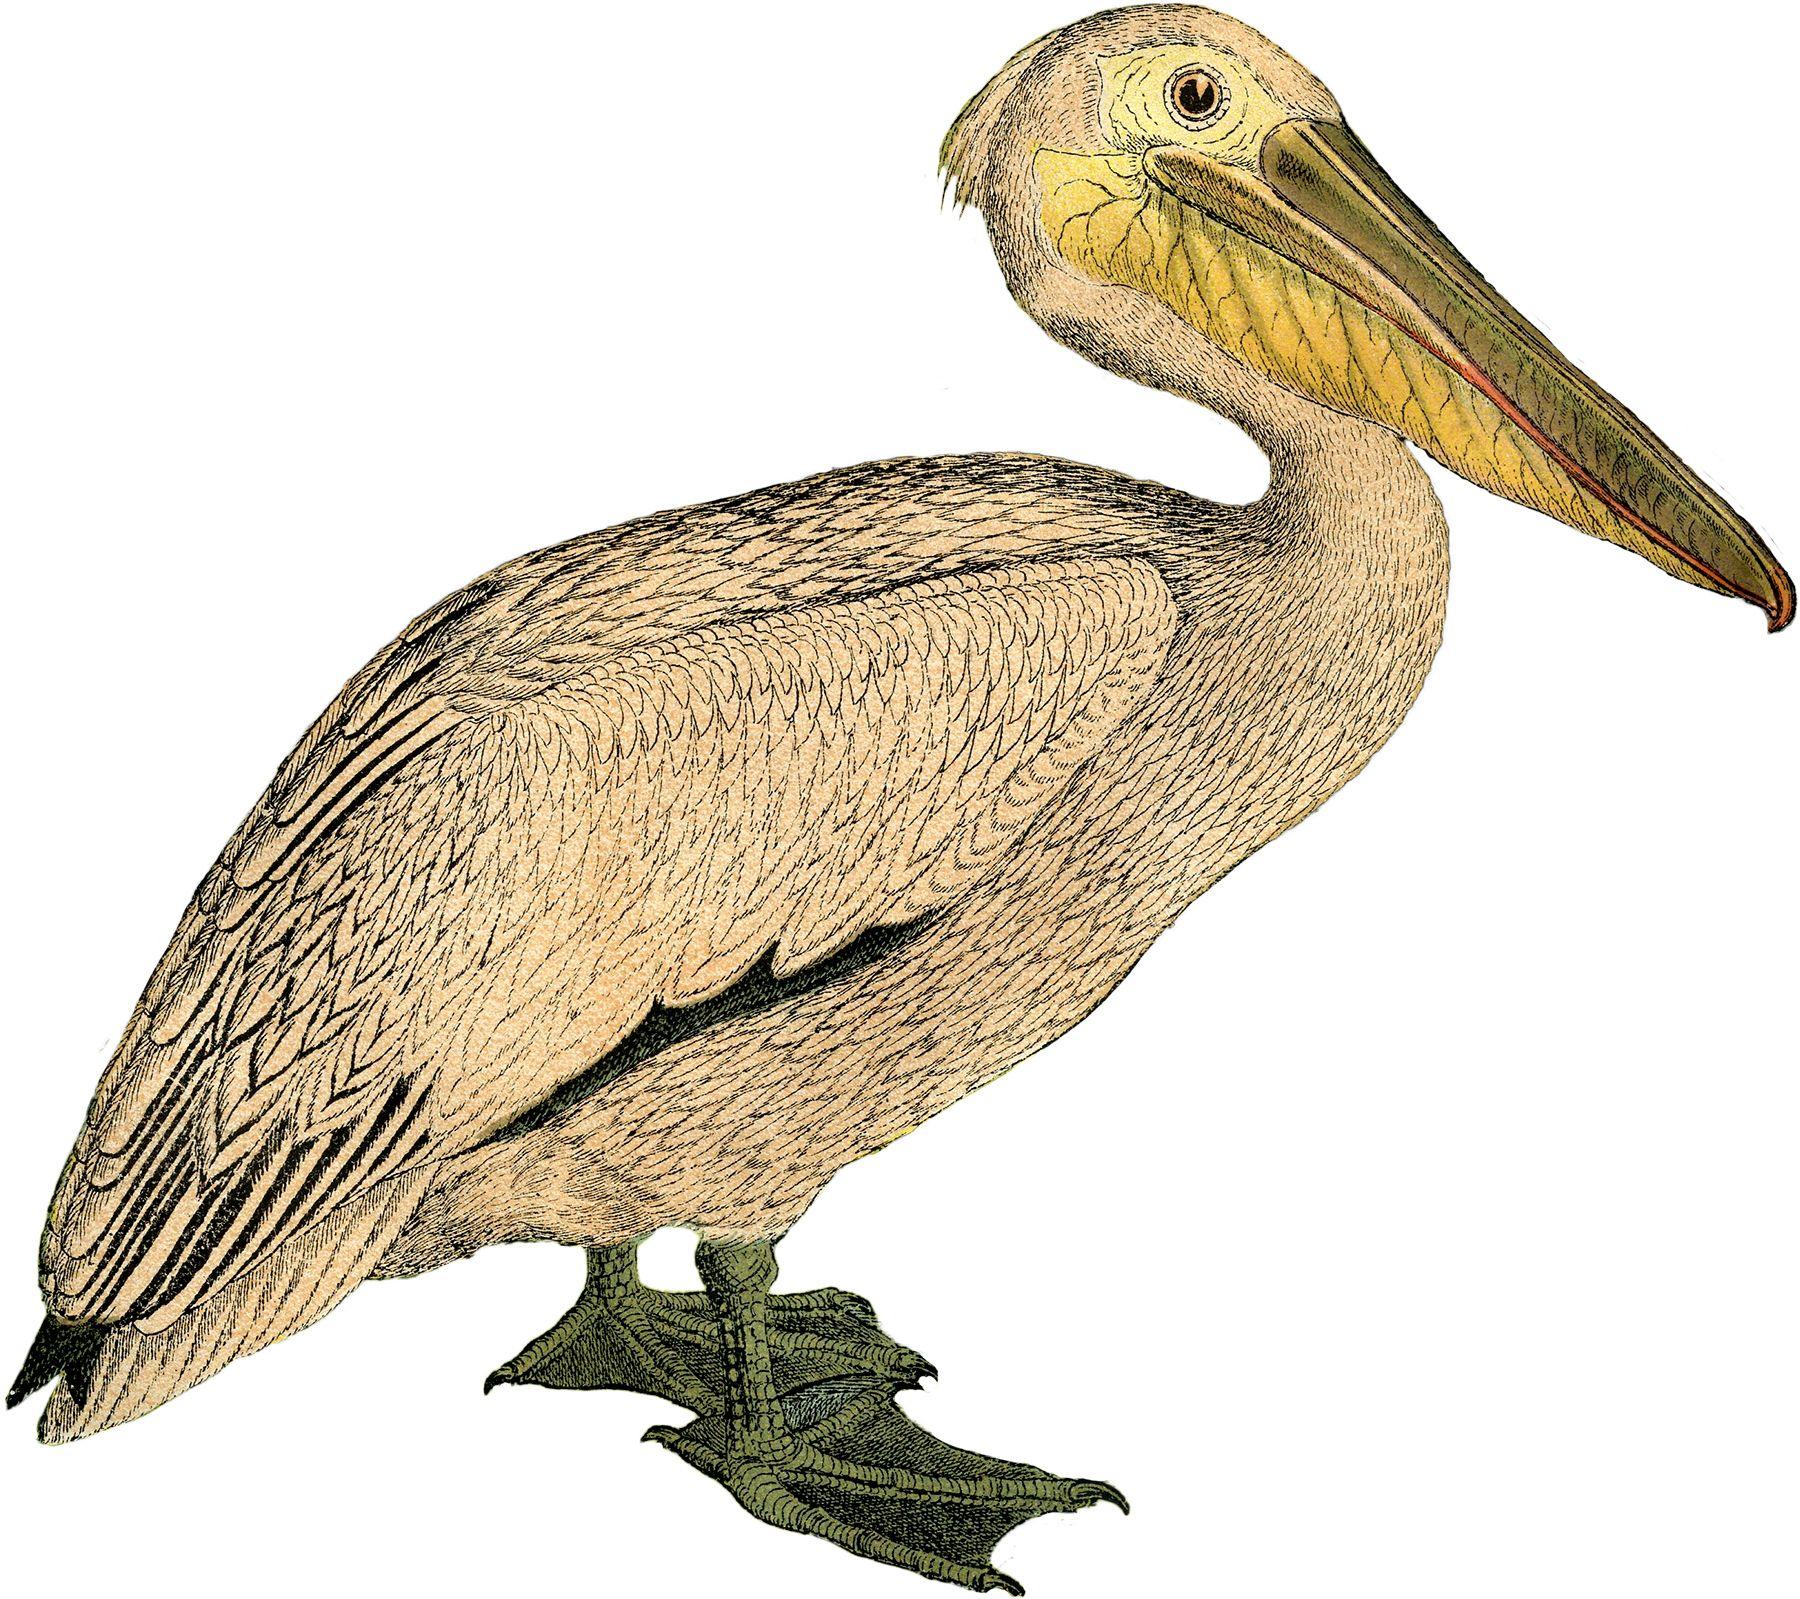 1800x1599 Vintage Pelican Image Vintage, Bird